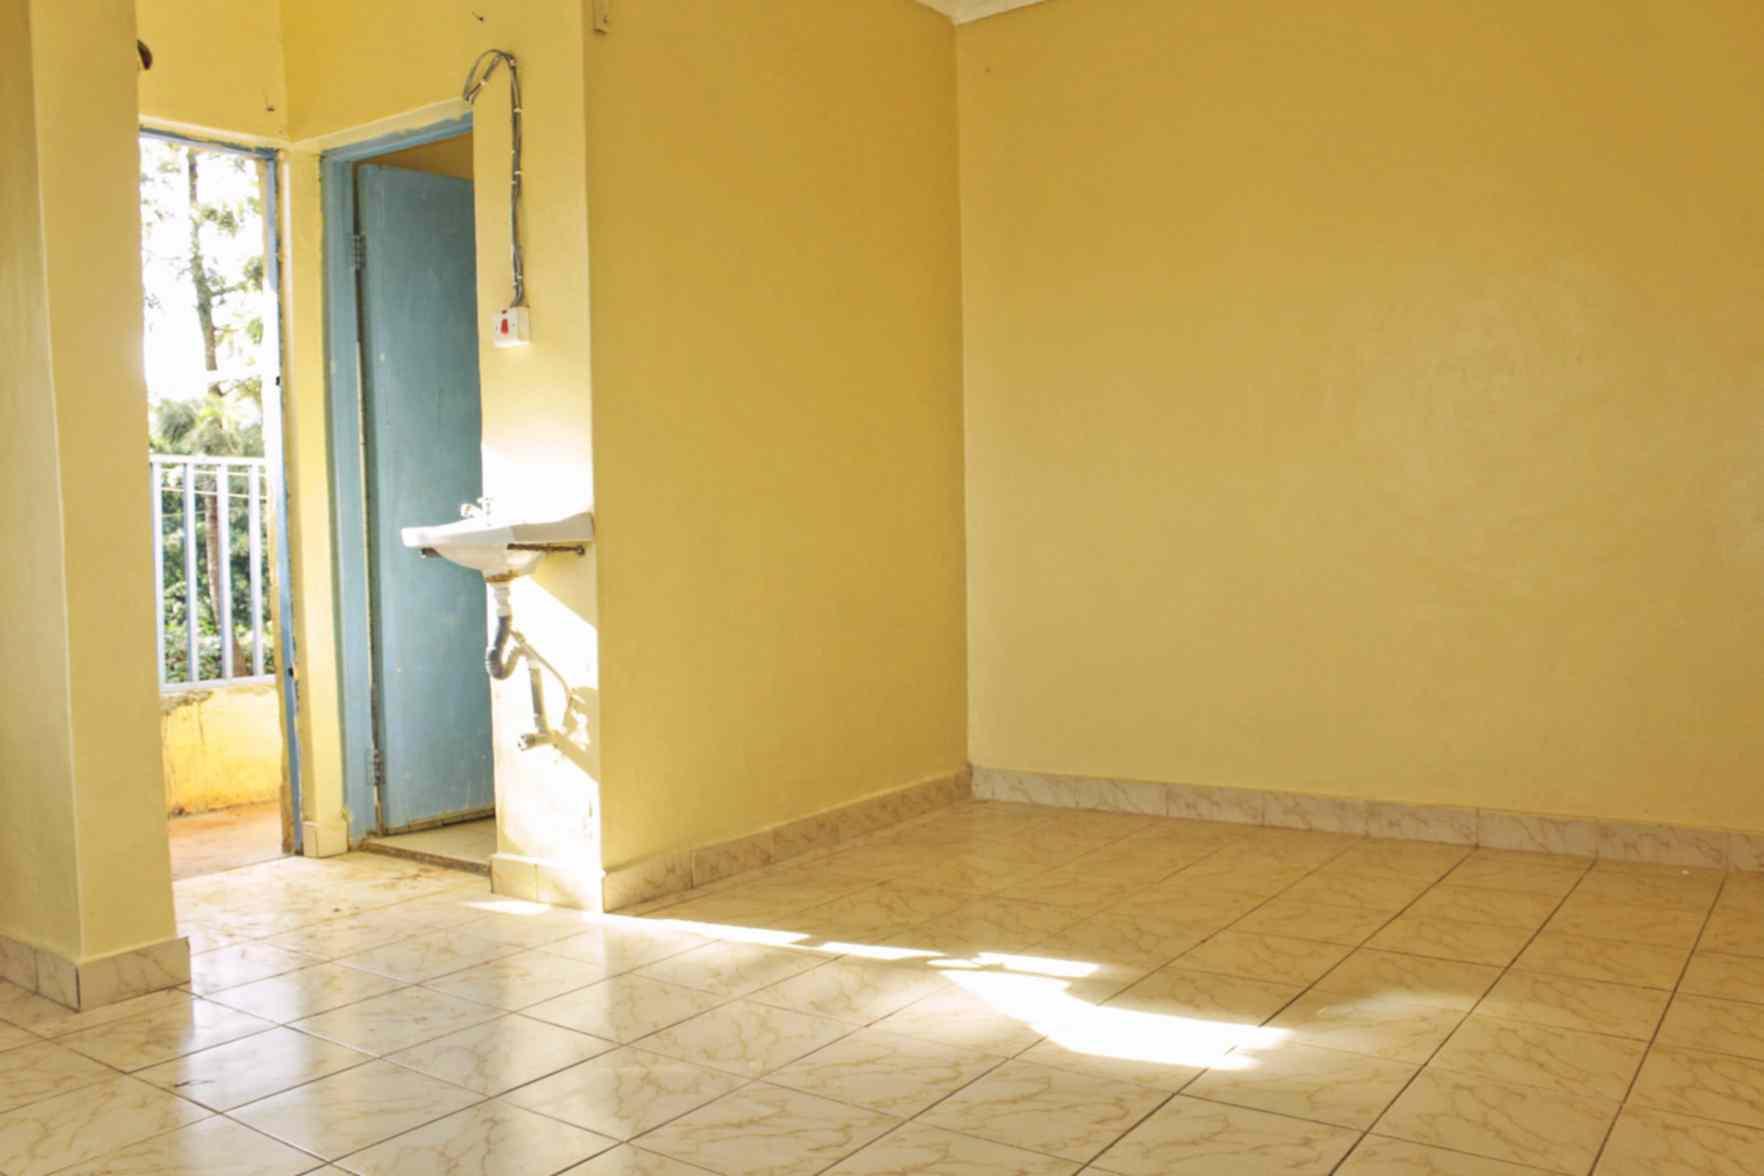 Bedsitters for rent in Kinoo 87